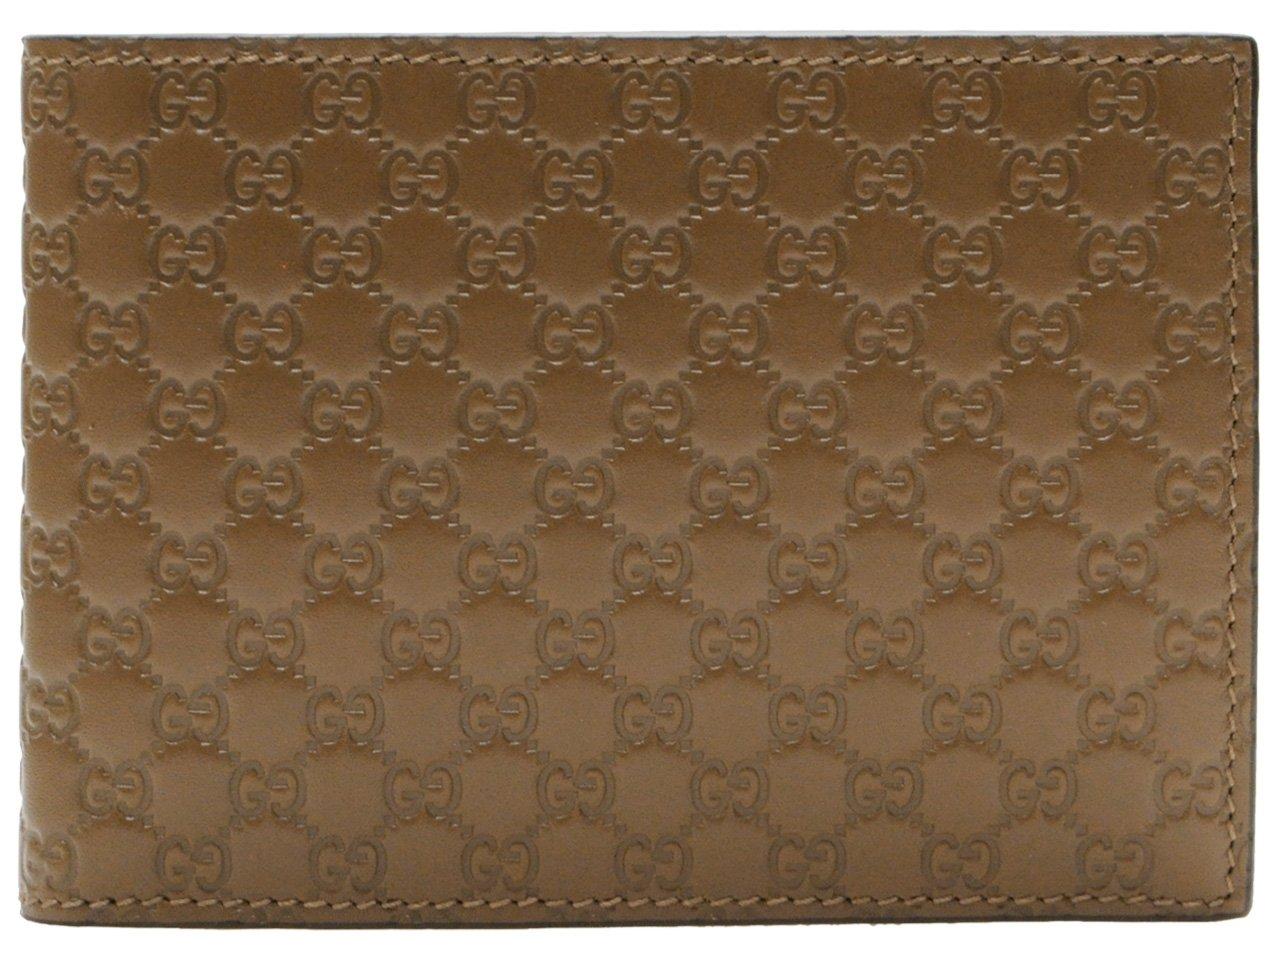 (グッチ) GUCCI 財布 二つ折り グッチシマ レザー メンズ 292534 アウトレット[並行輸入品] B06XY8STTR メイプルブラウン メイプルブラウン